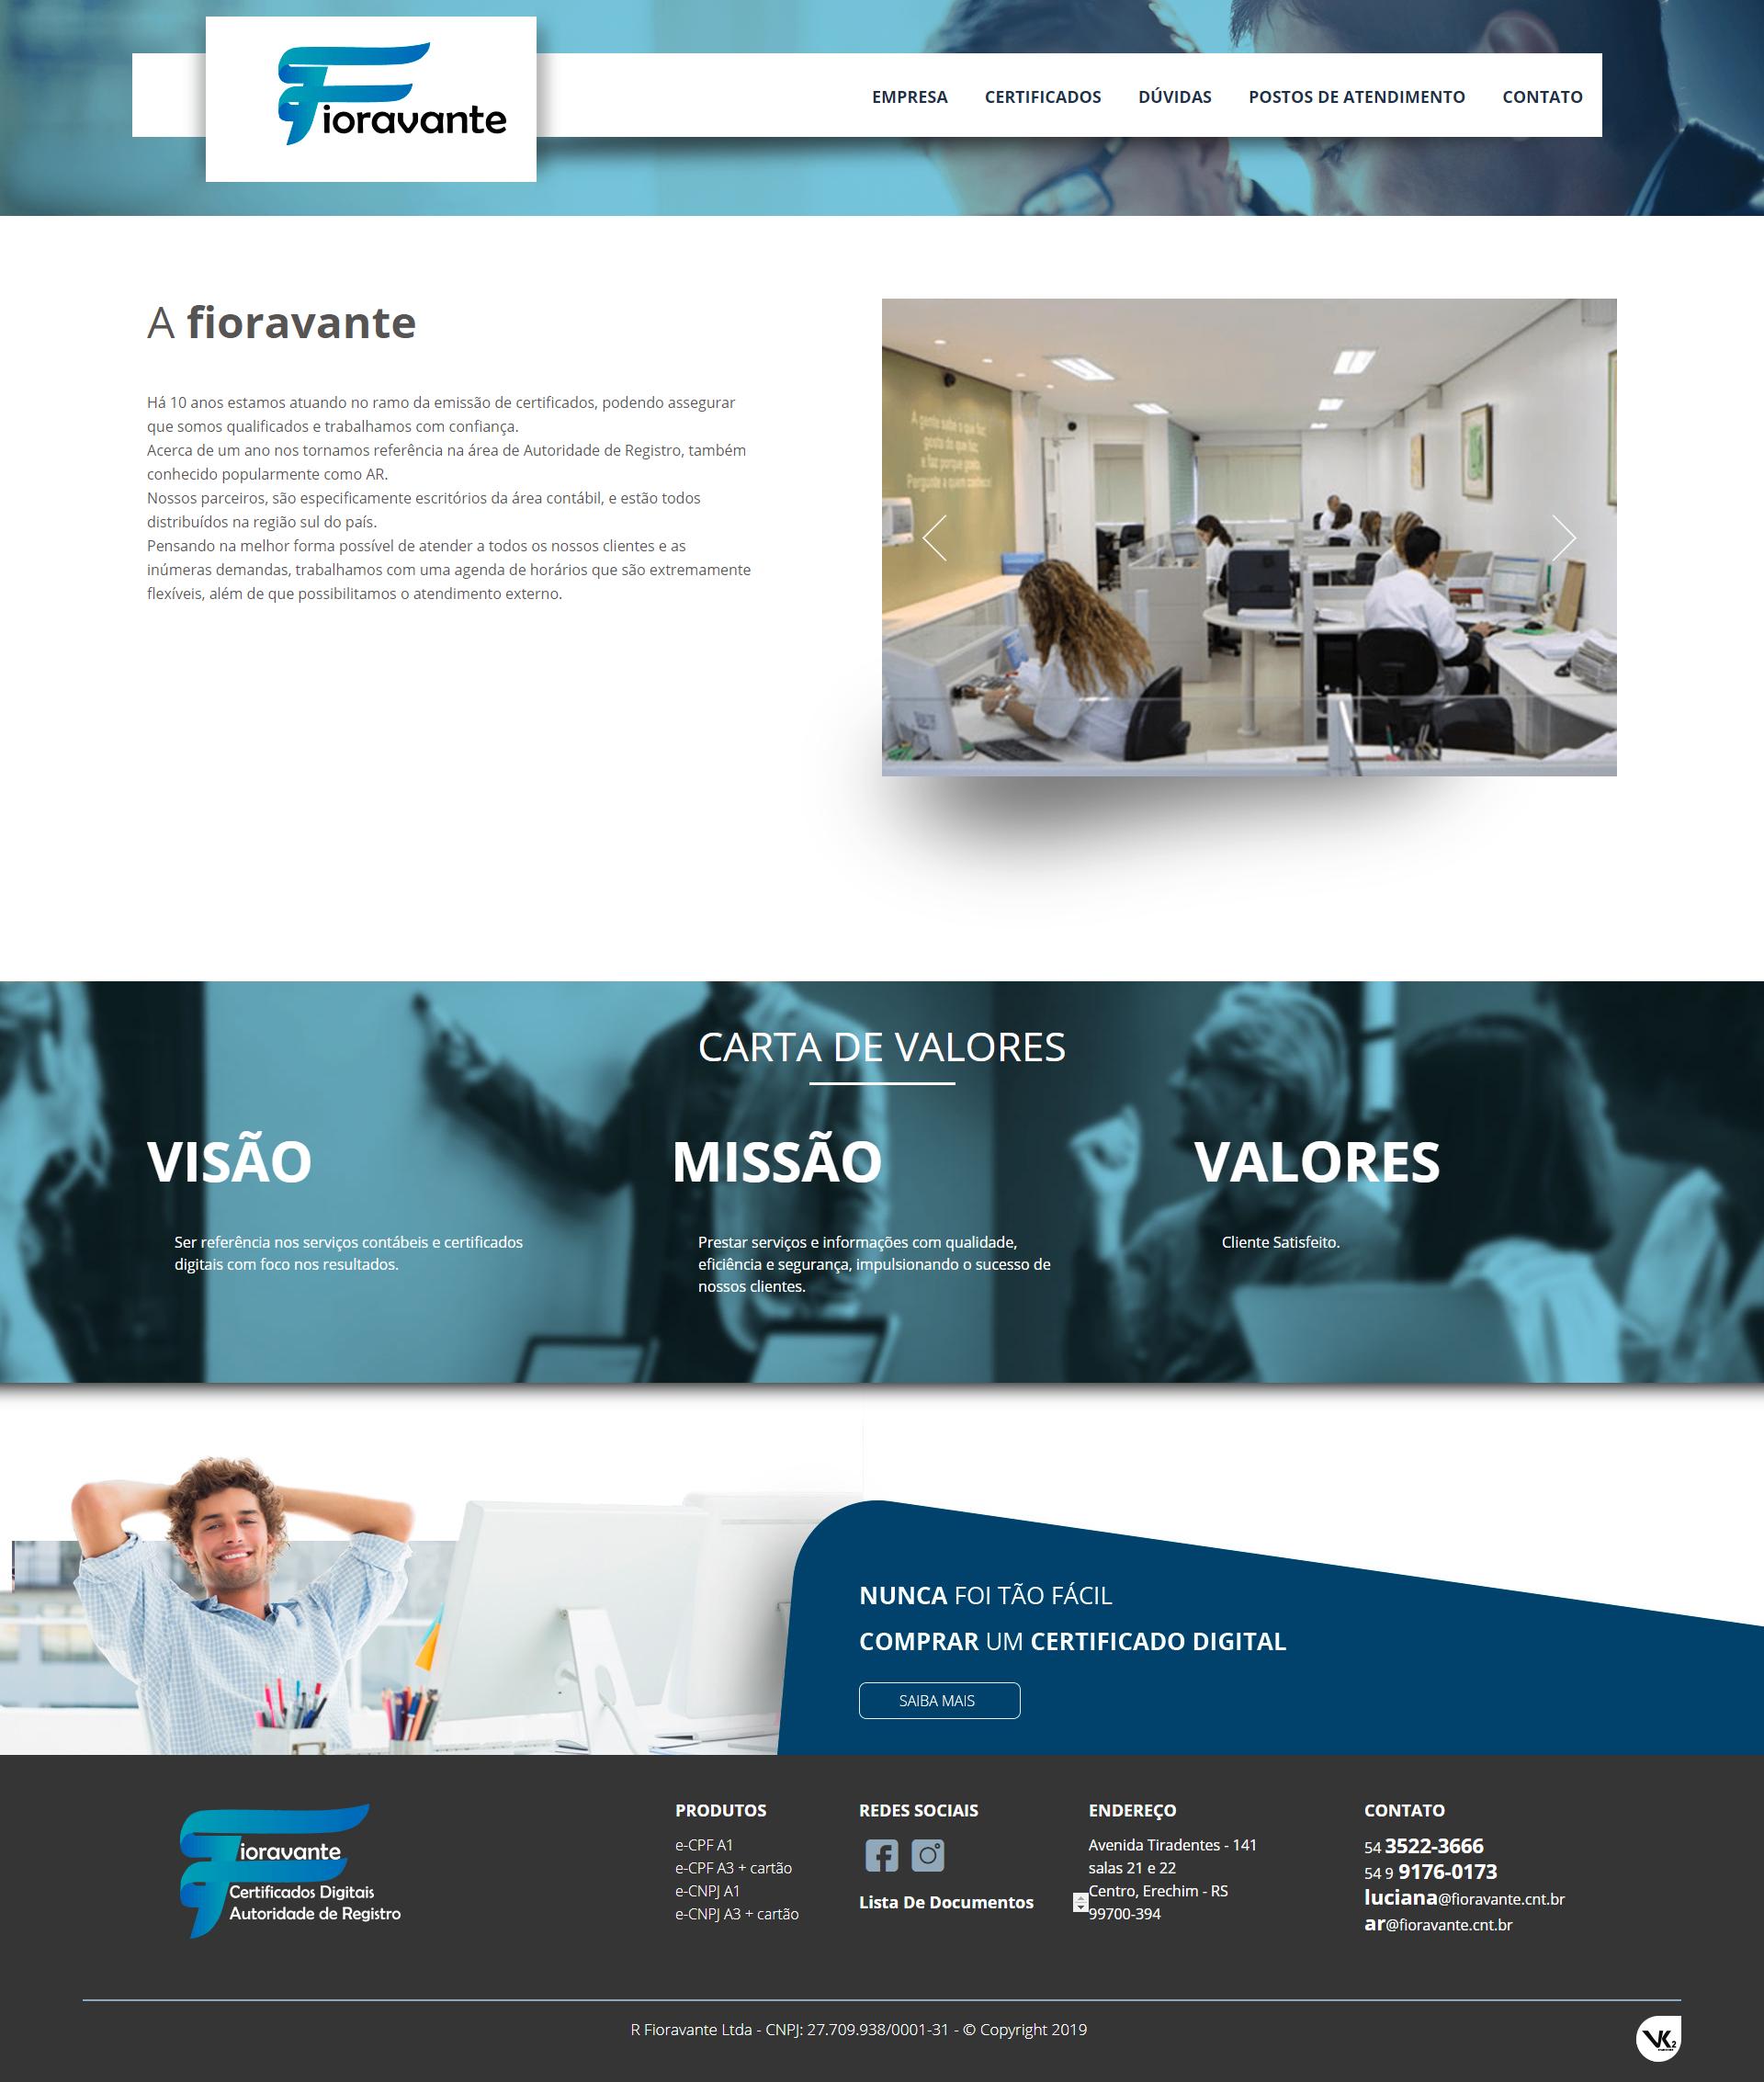 Imagem do trabalho screencapture_fioravante_cnt_br_empresa_2020_10_28_16_41_27.png